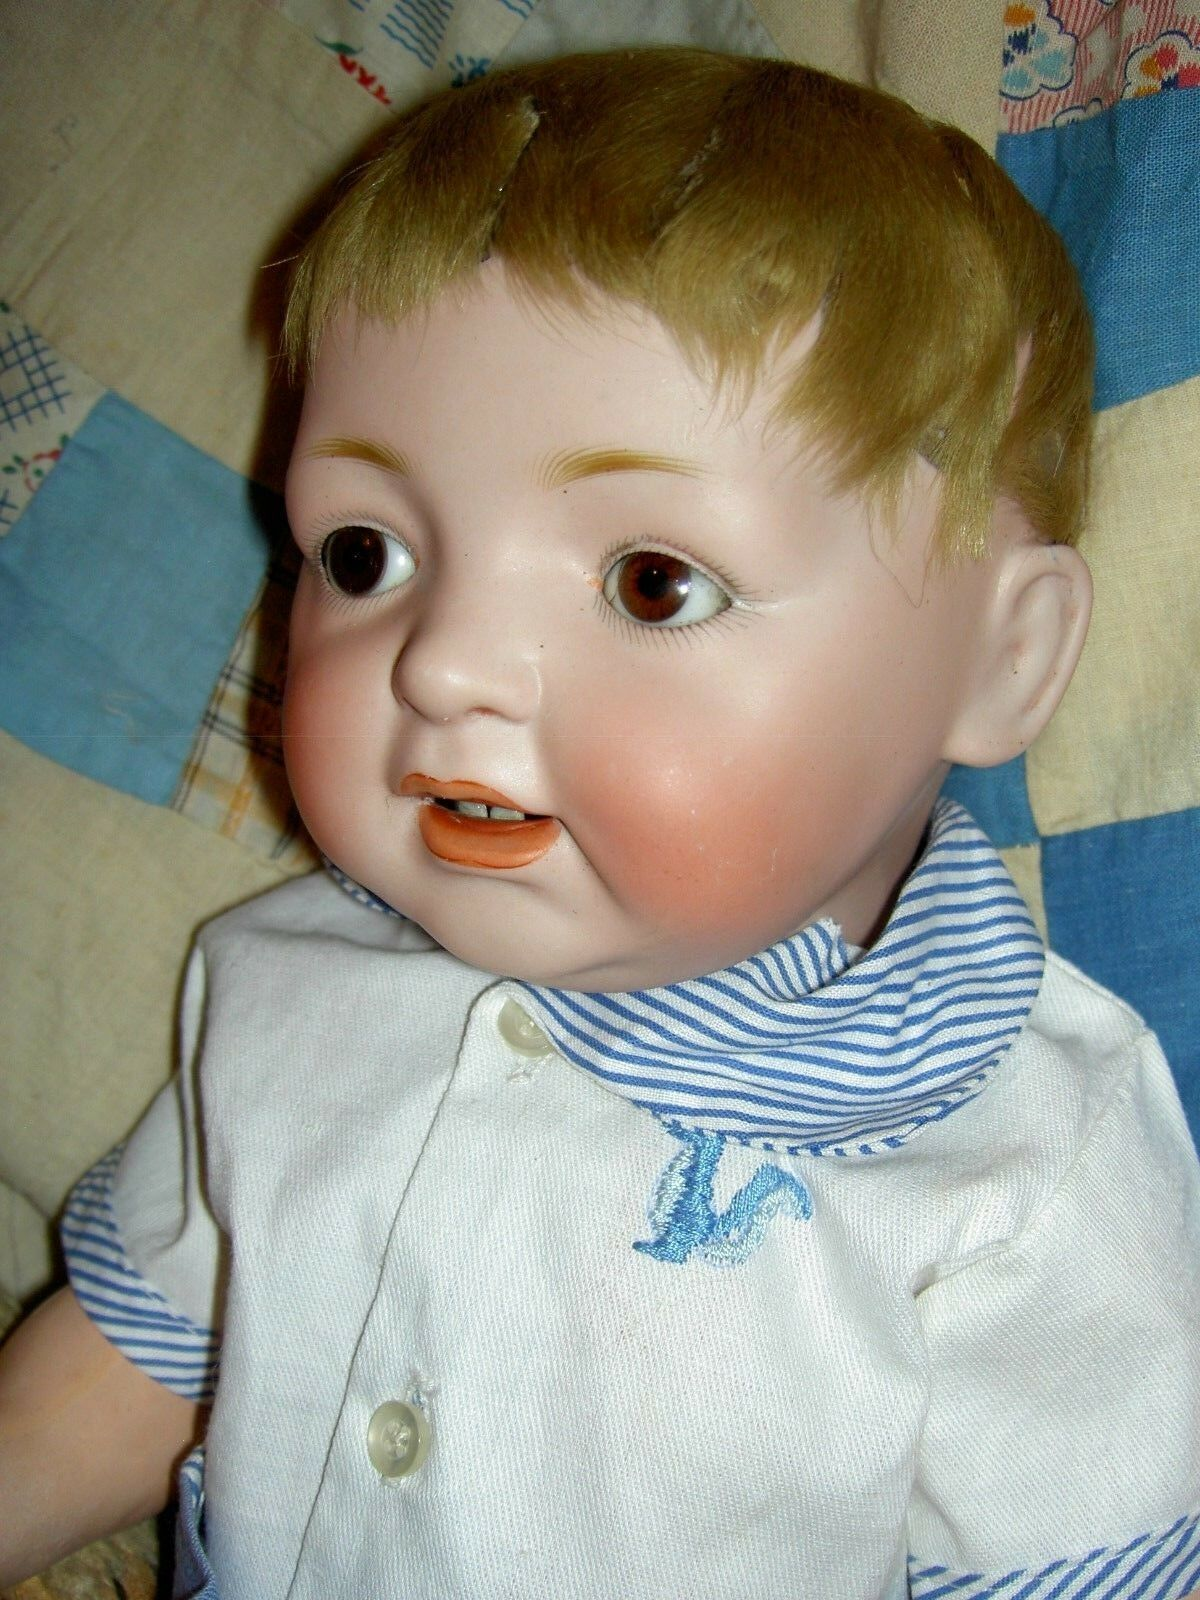 Delightful antique bisque JDK Kestner 211 SAMMY char. baby doll, excellent cond.